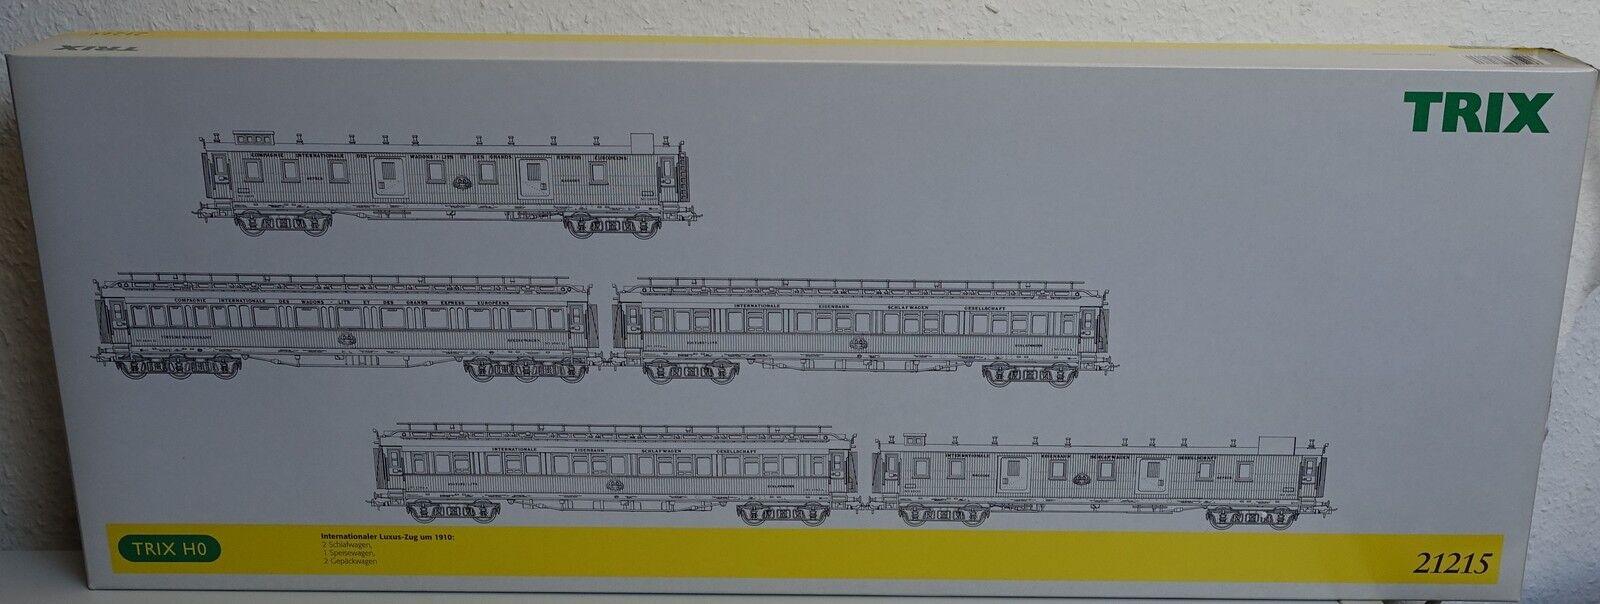 TRIX H0 Wagen-Set 21215 Internationaler Luxus-Zug um 1910 OVP